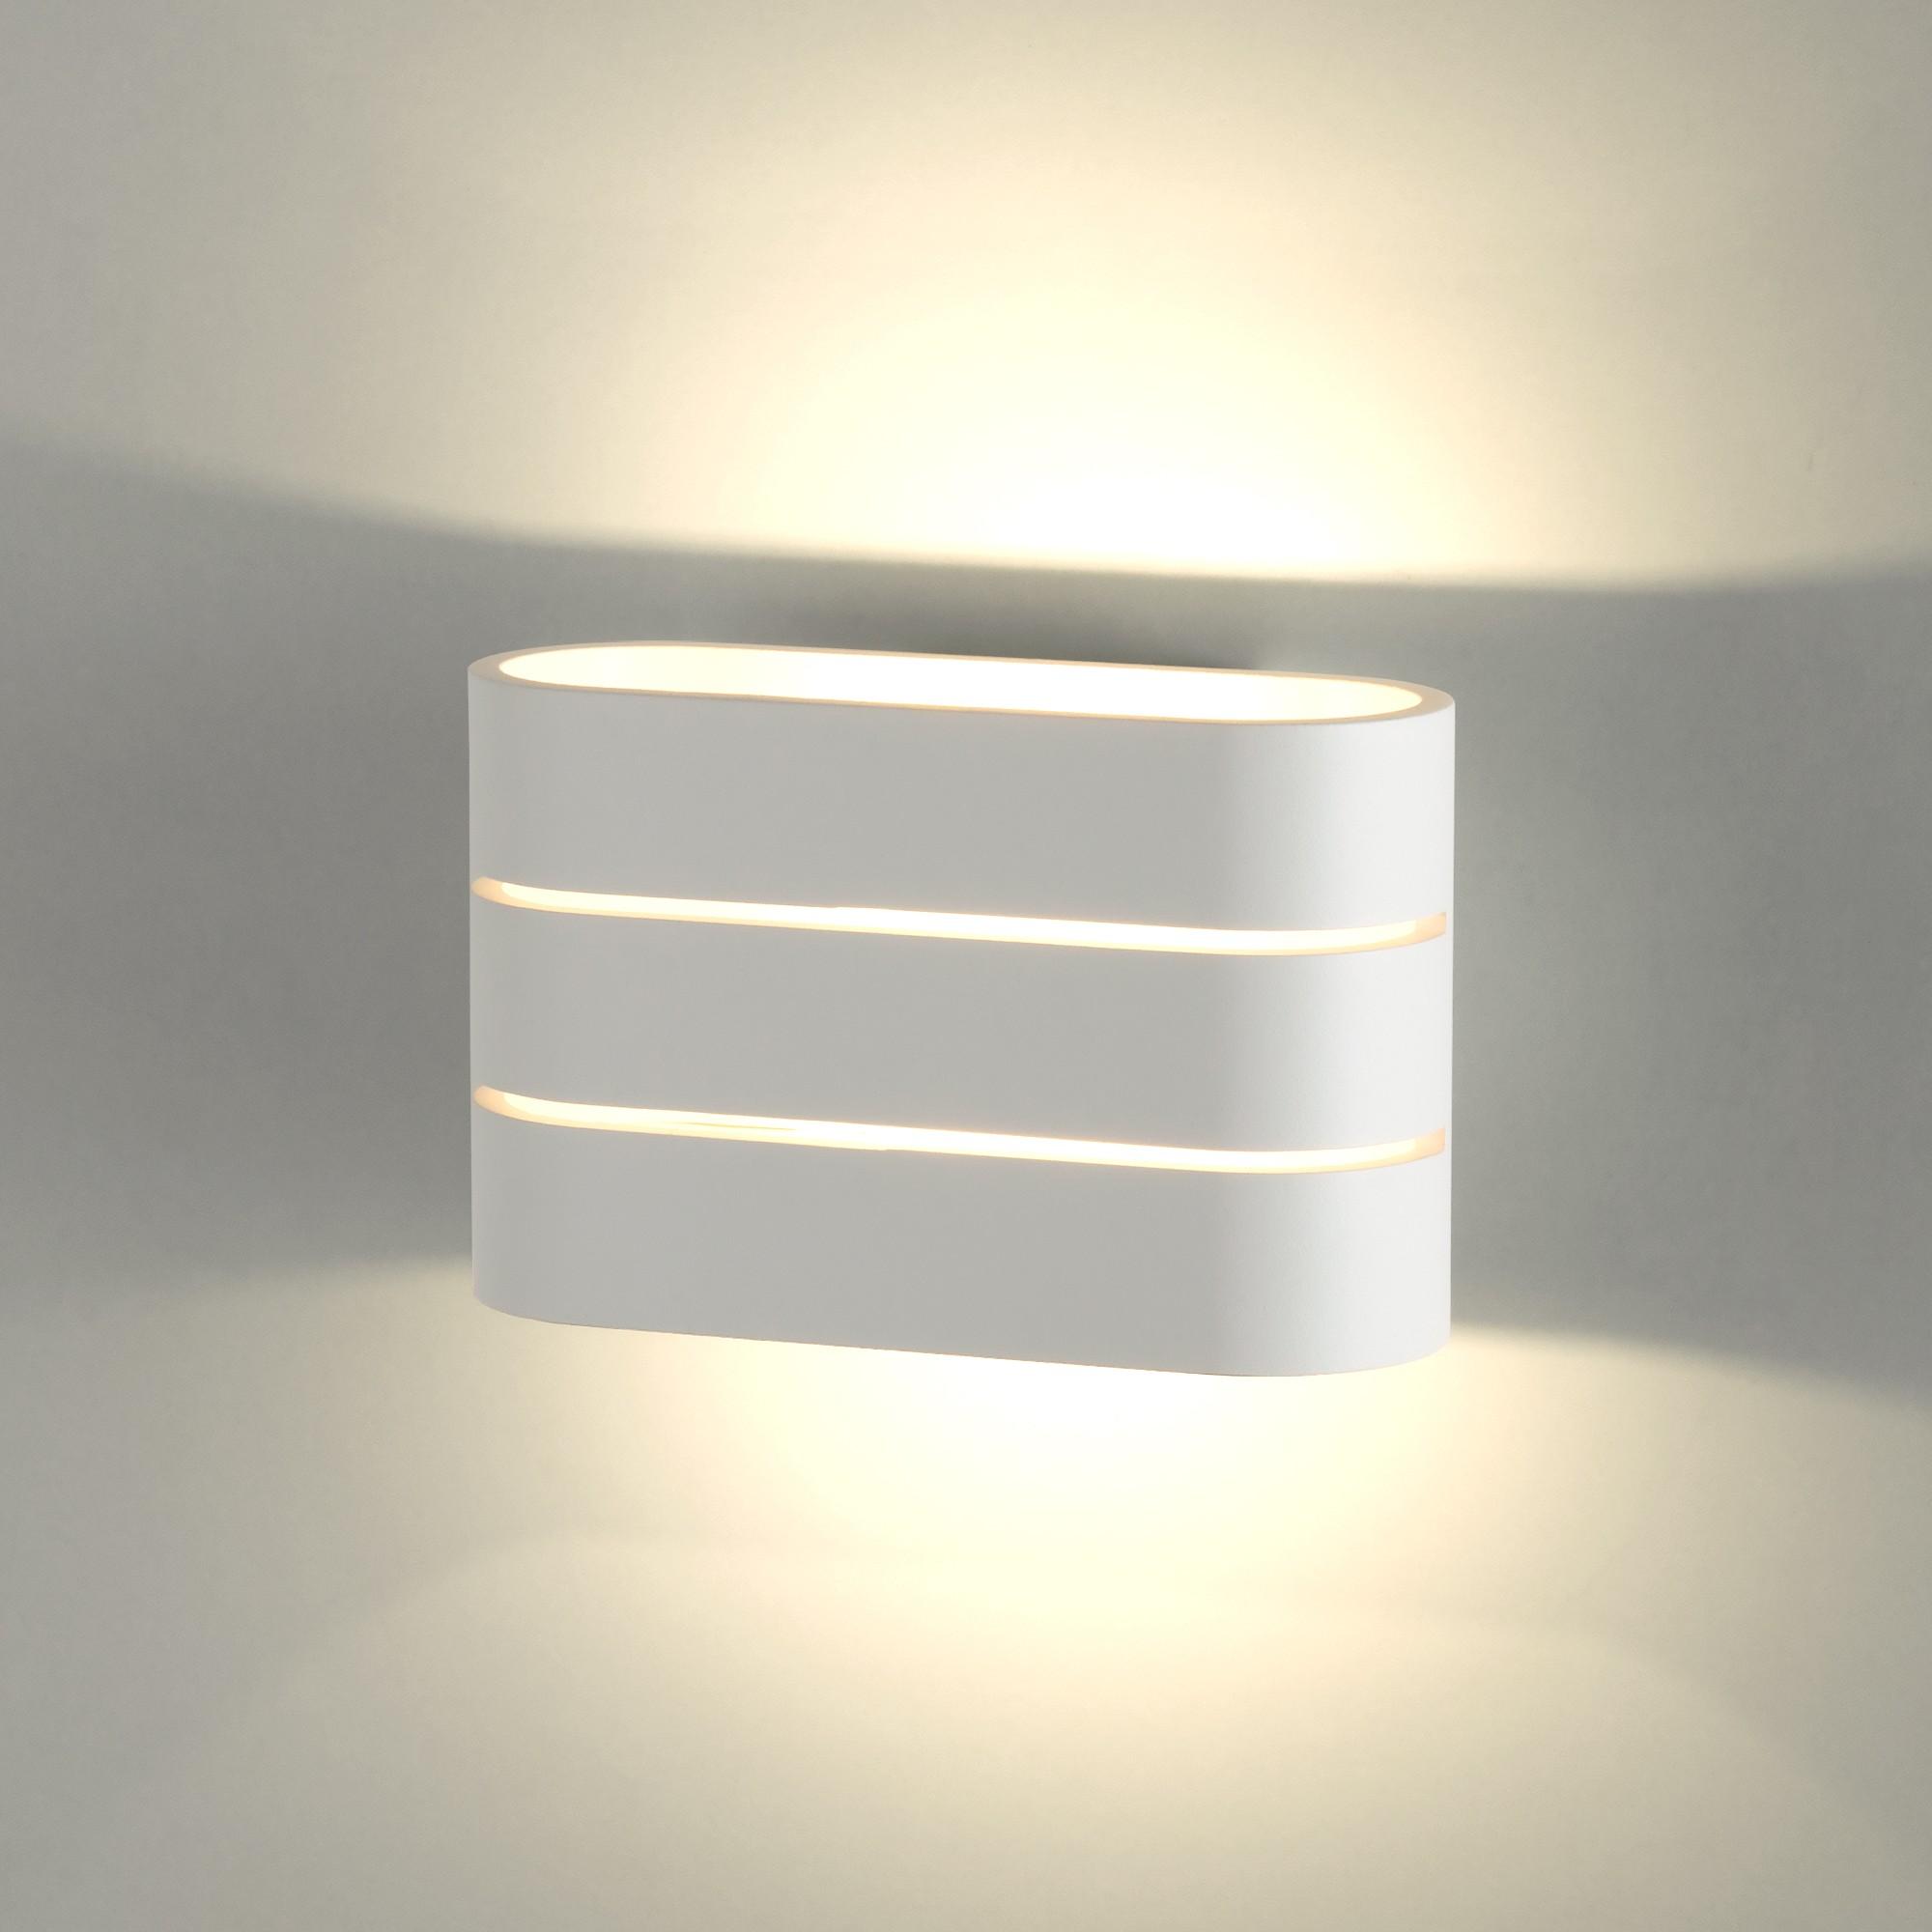 Фото Накладной светильник Mrl Led 1248 a041315